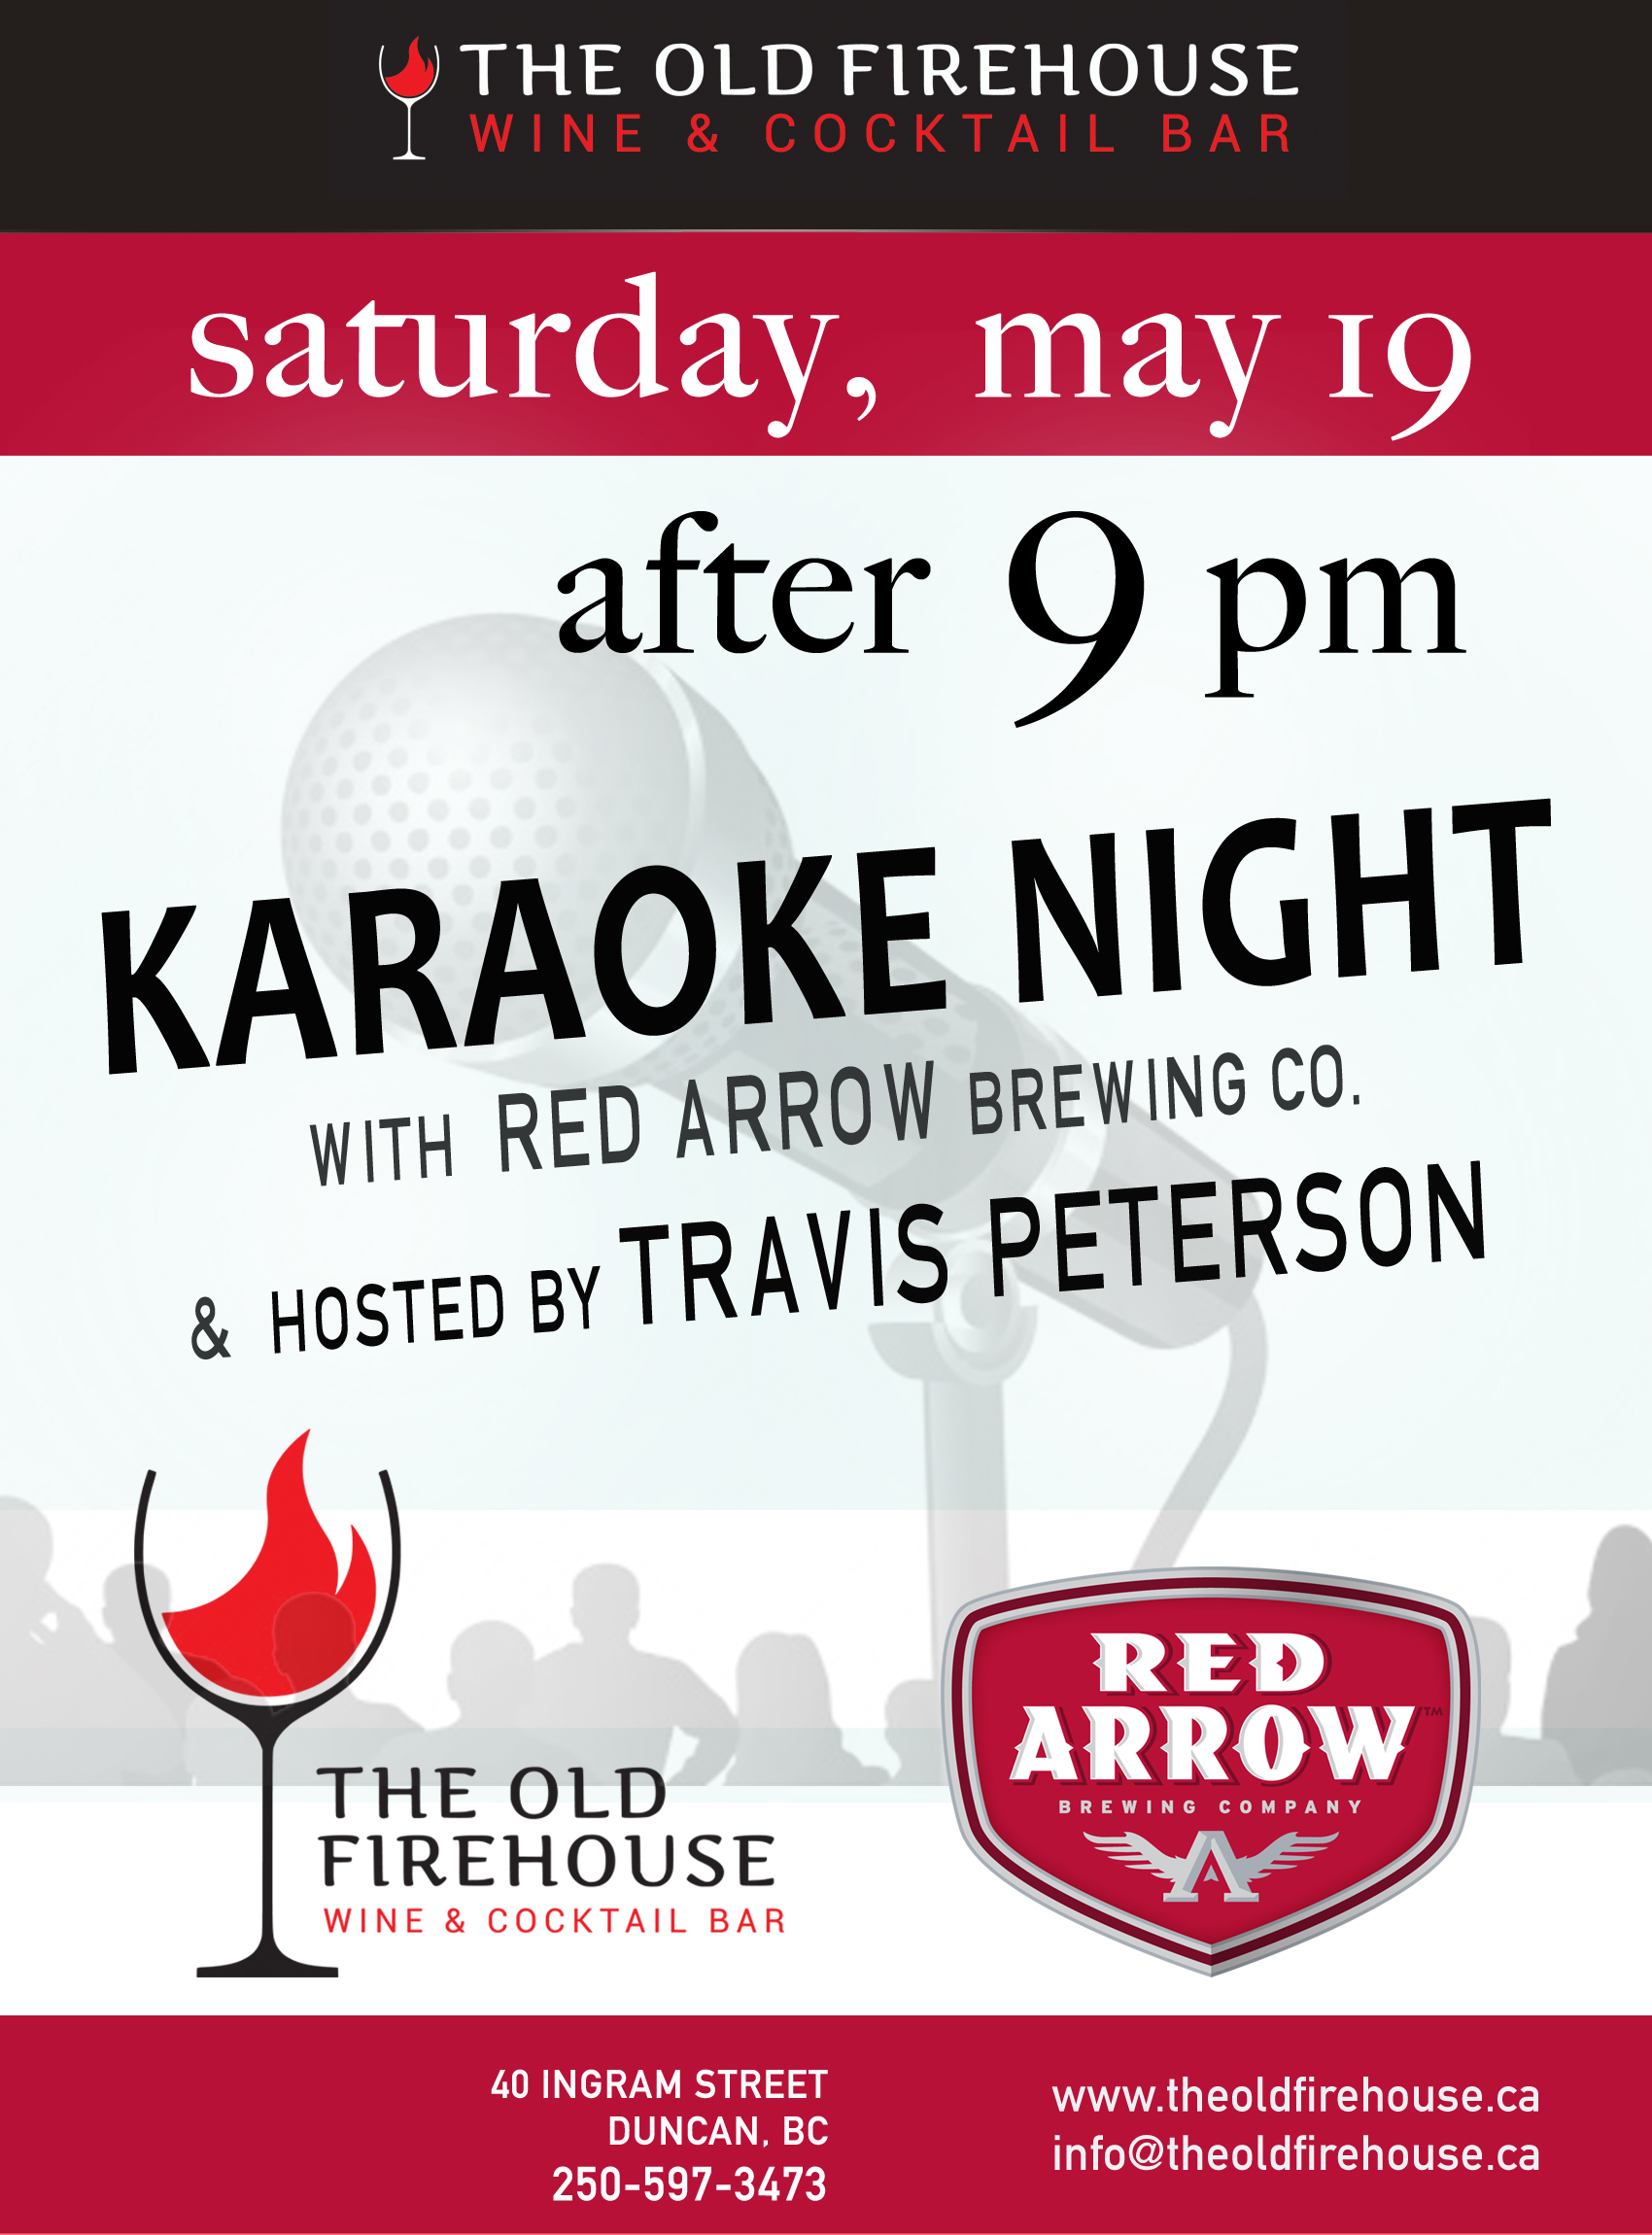 karaoke-poster-red-arrow-may-19.jpg